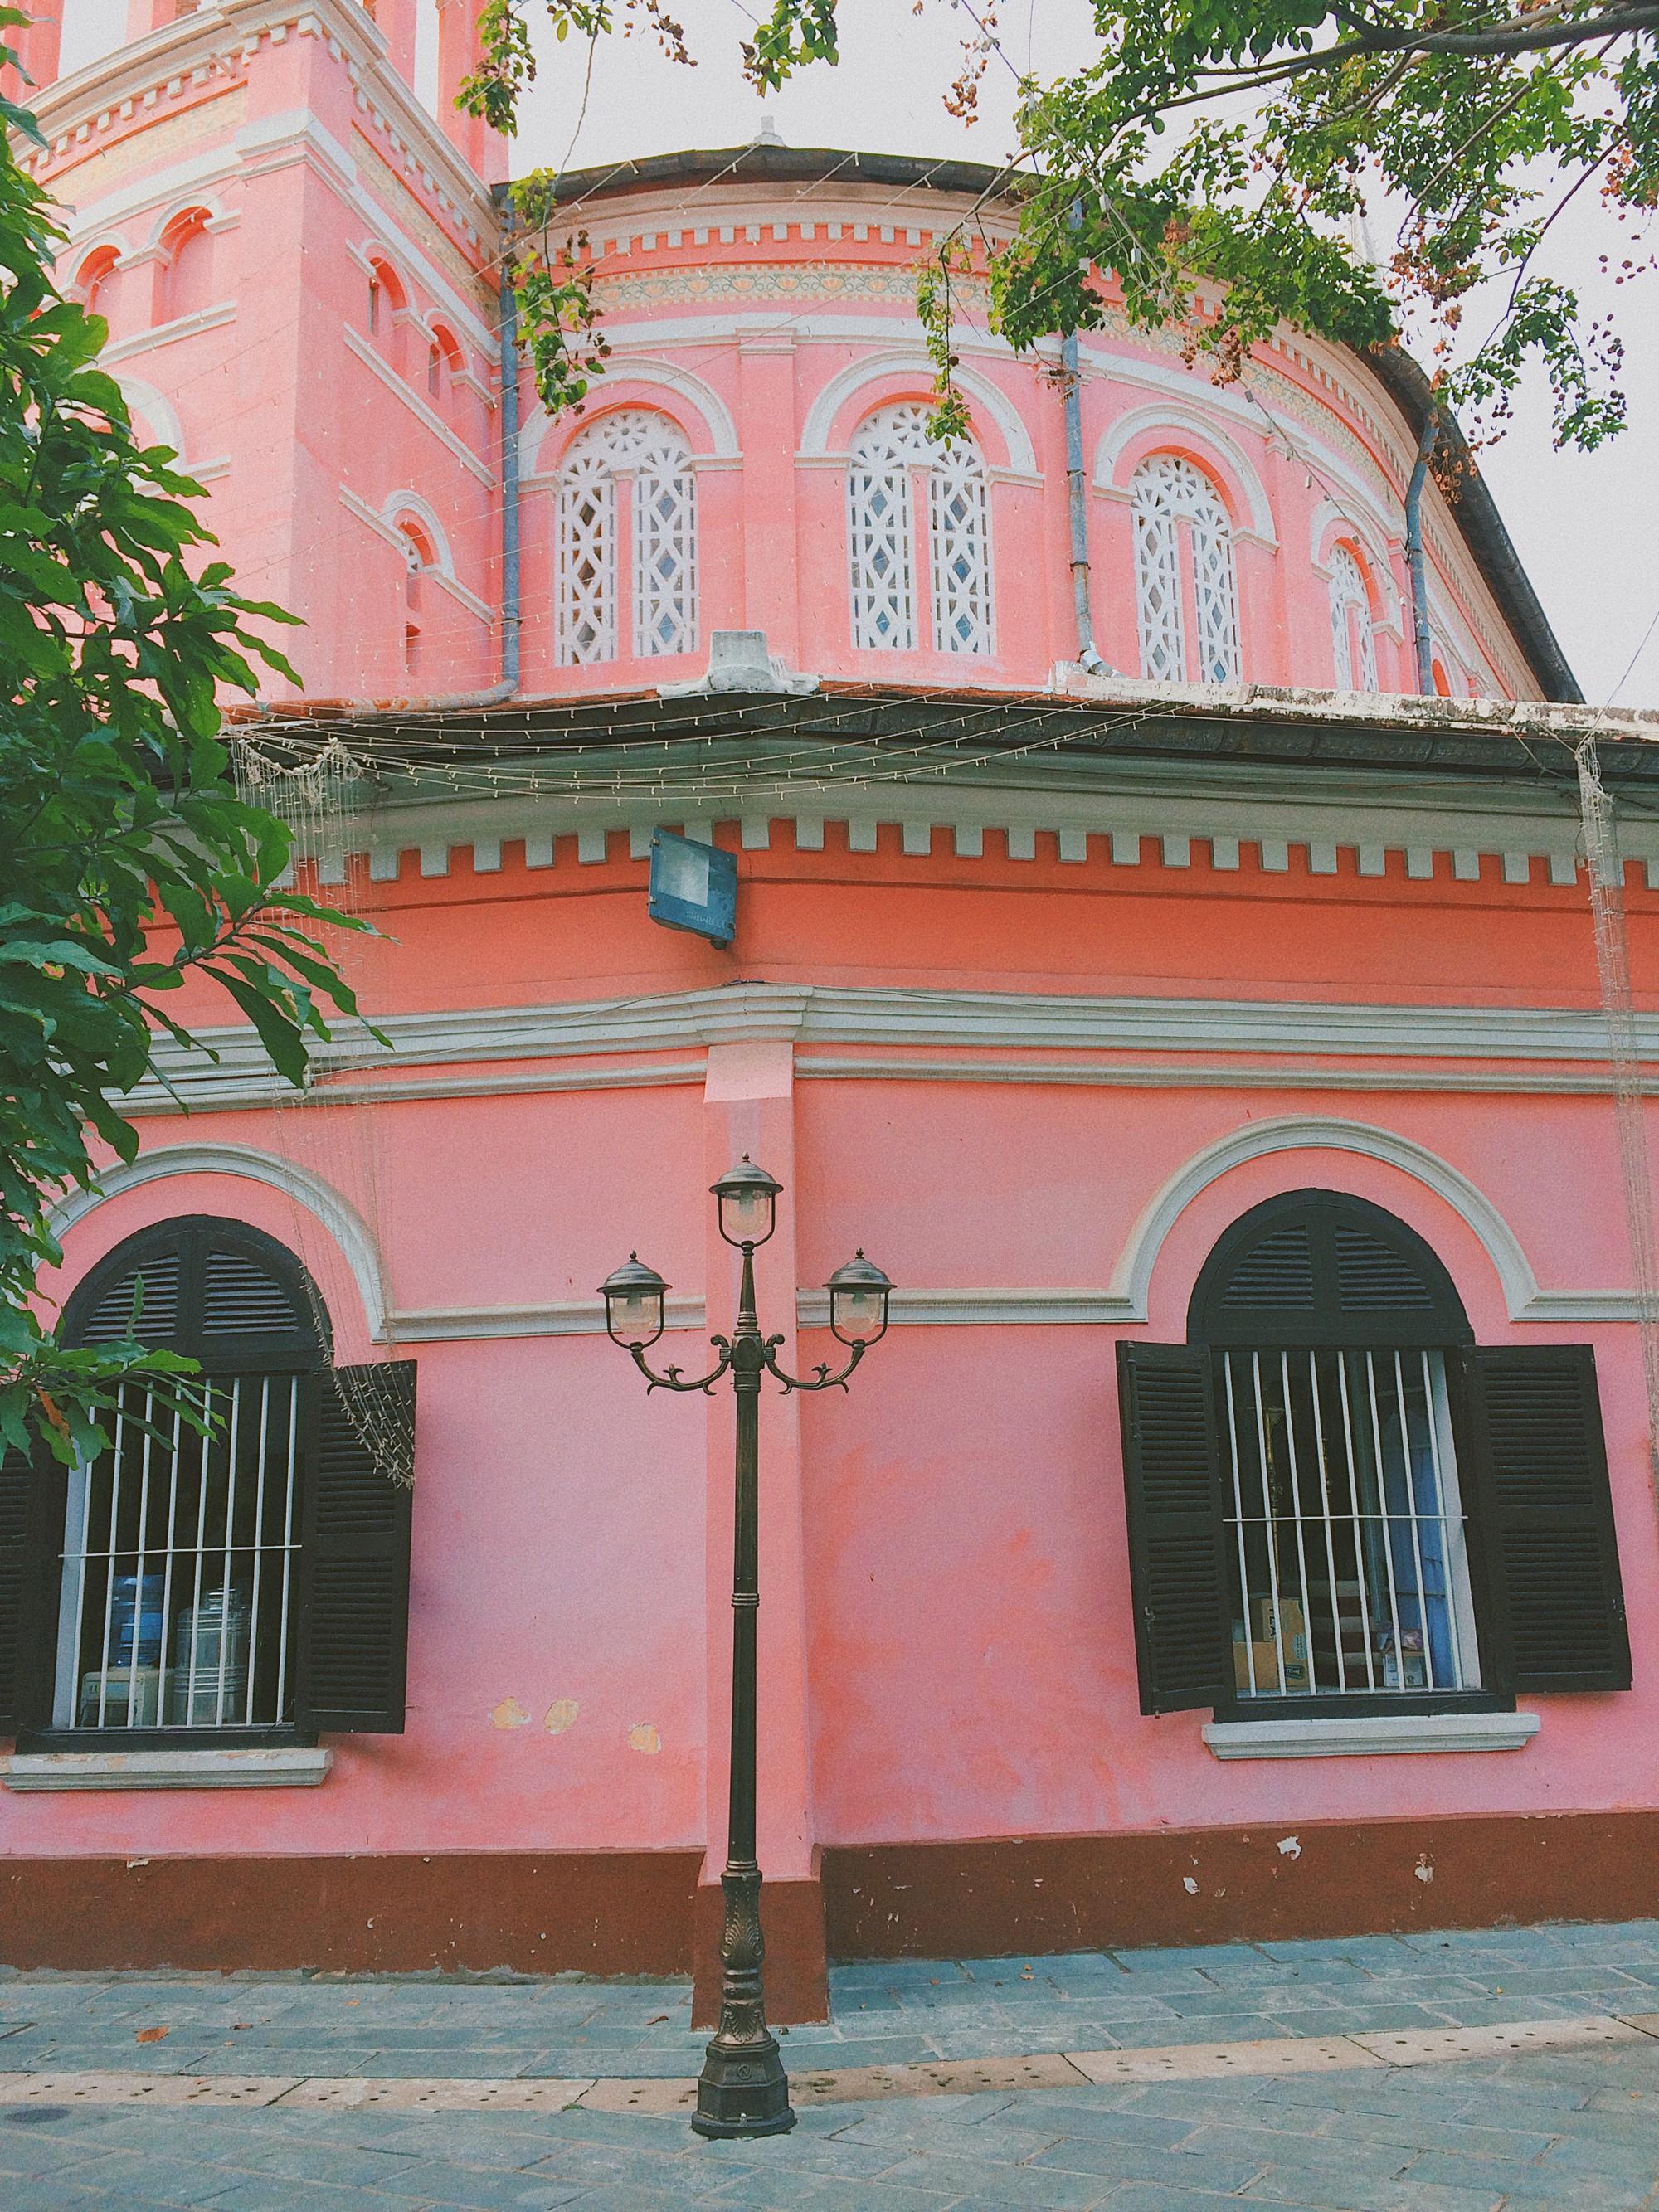 Vẻ đẹp của nhà thờ màu hồng nằm giữa lòng Sài Gòn khiến du khách mê mẩn - Ảnh 7.